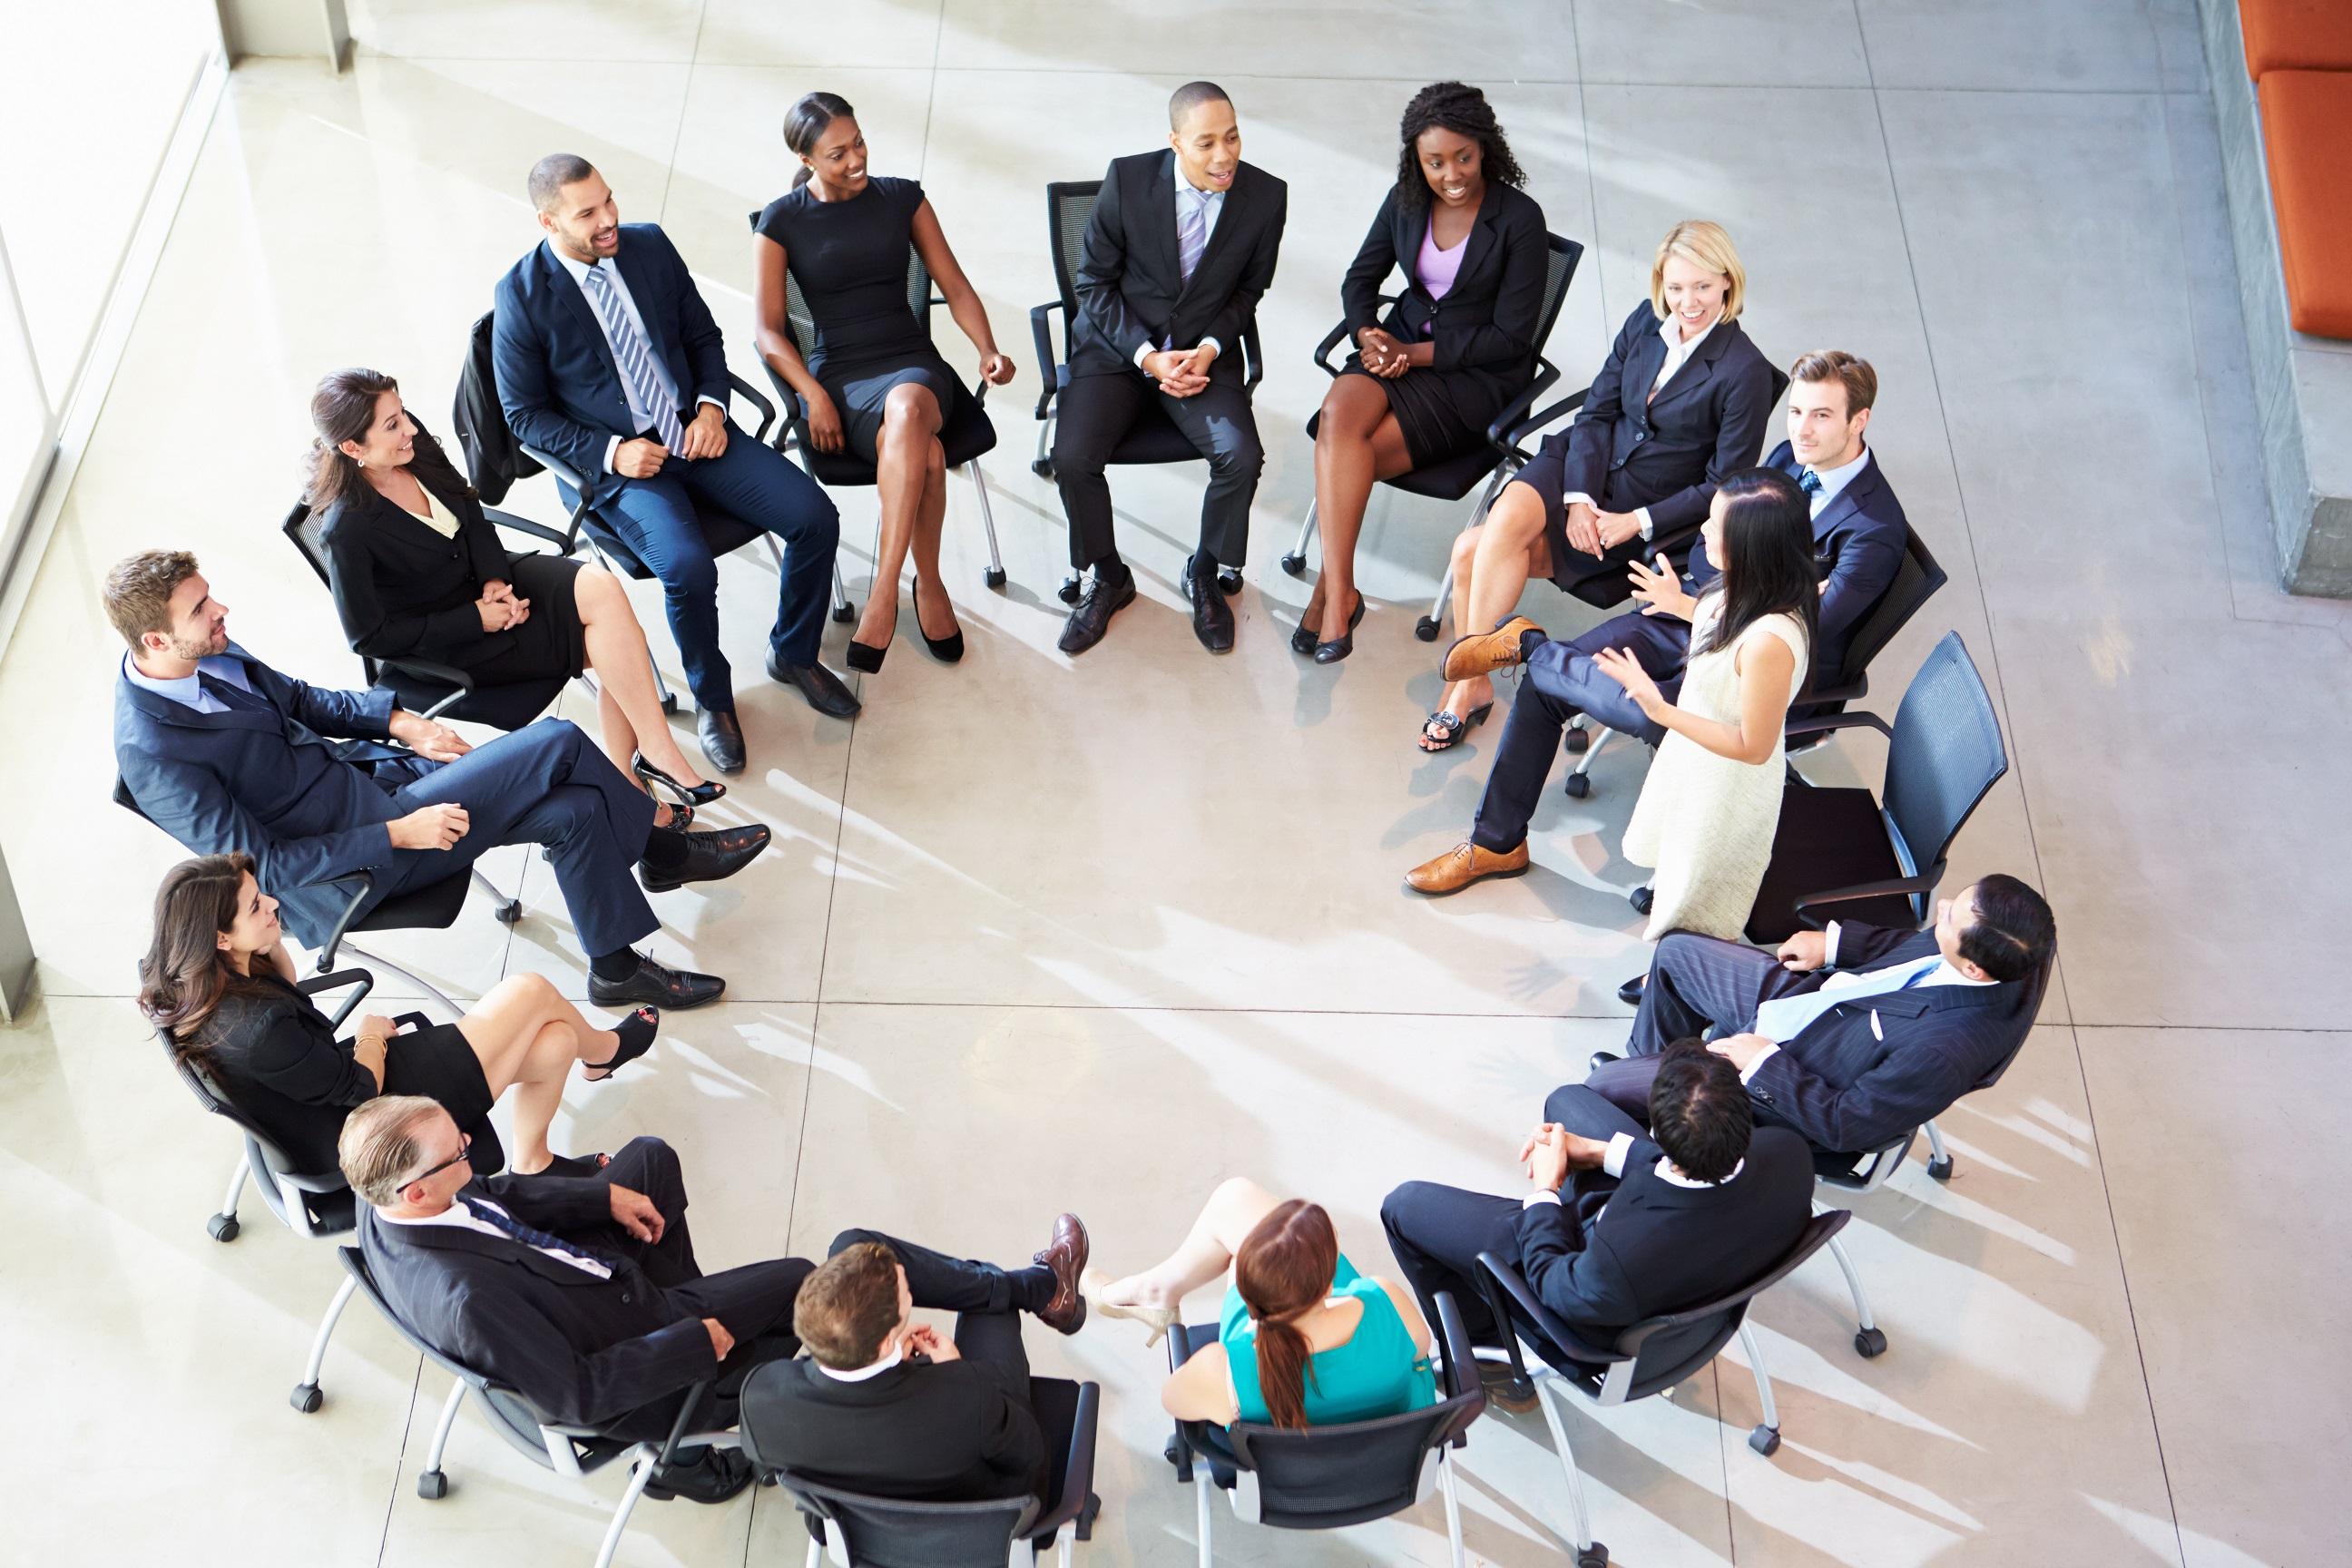 отношения как сделать бизнес фото монтируют